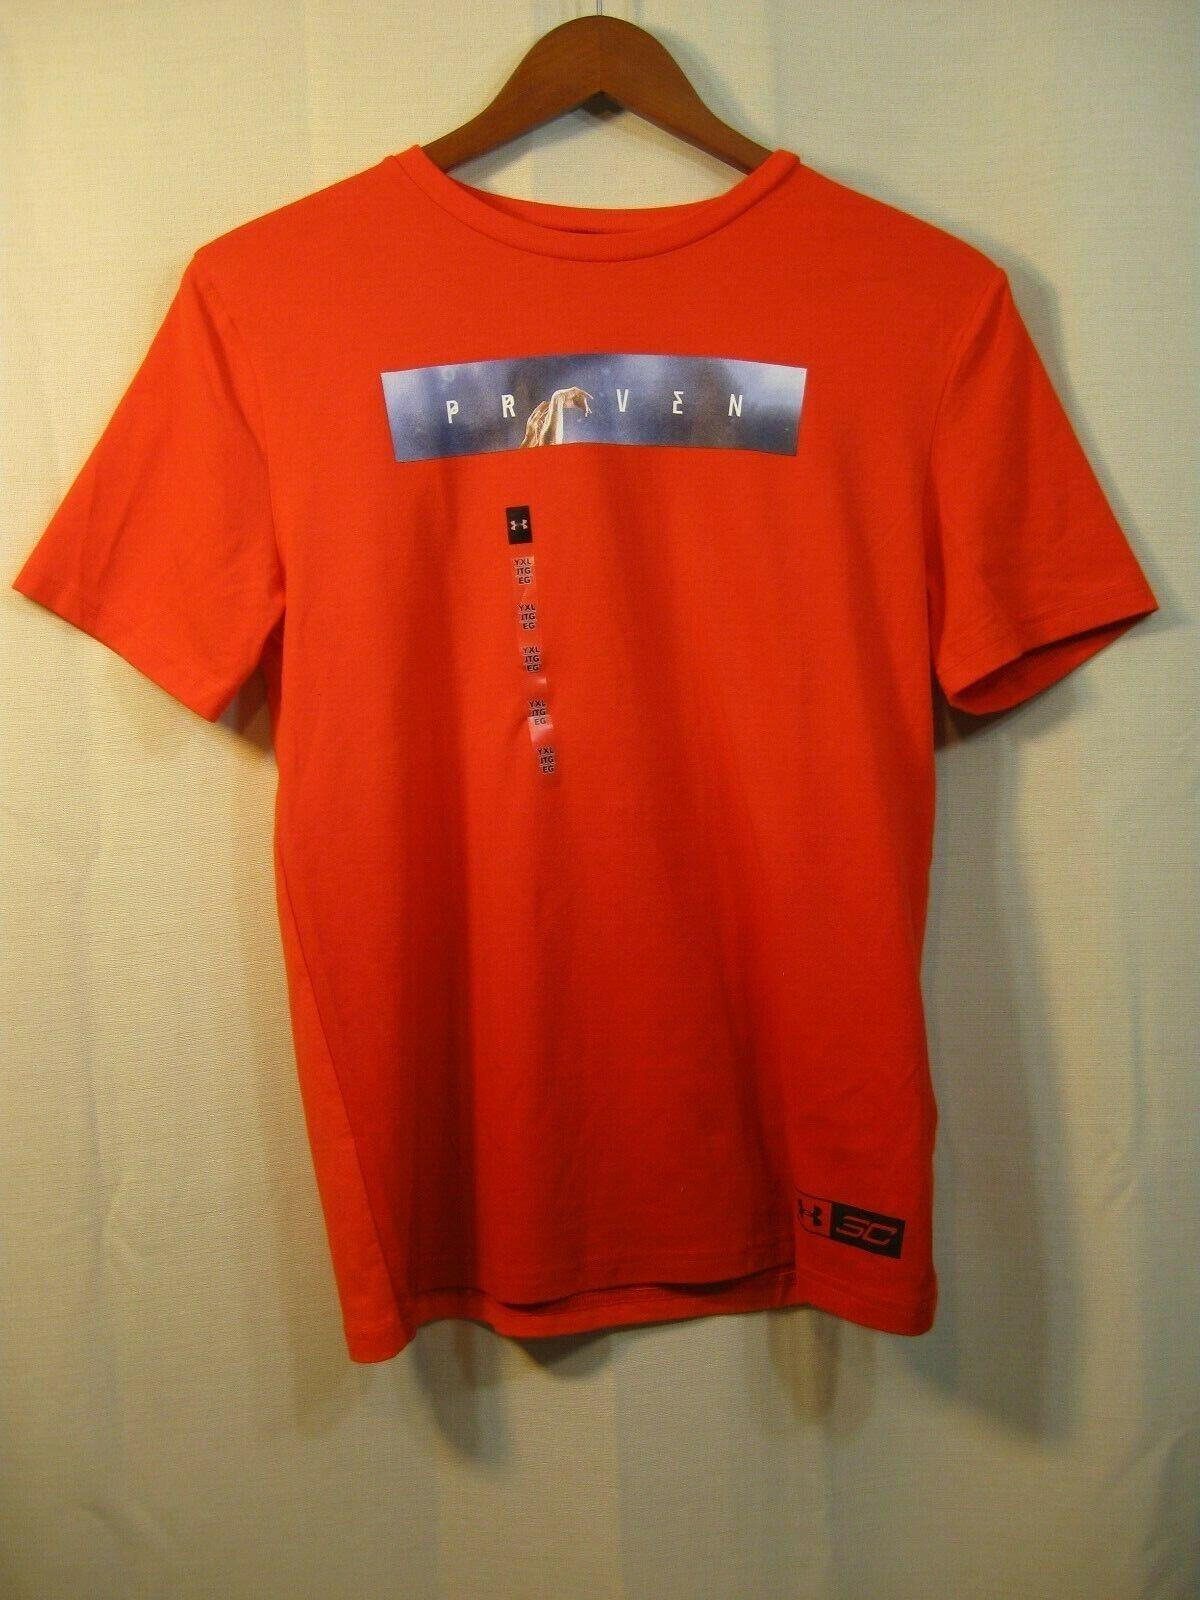 nwt heat gear loose boys youth orange